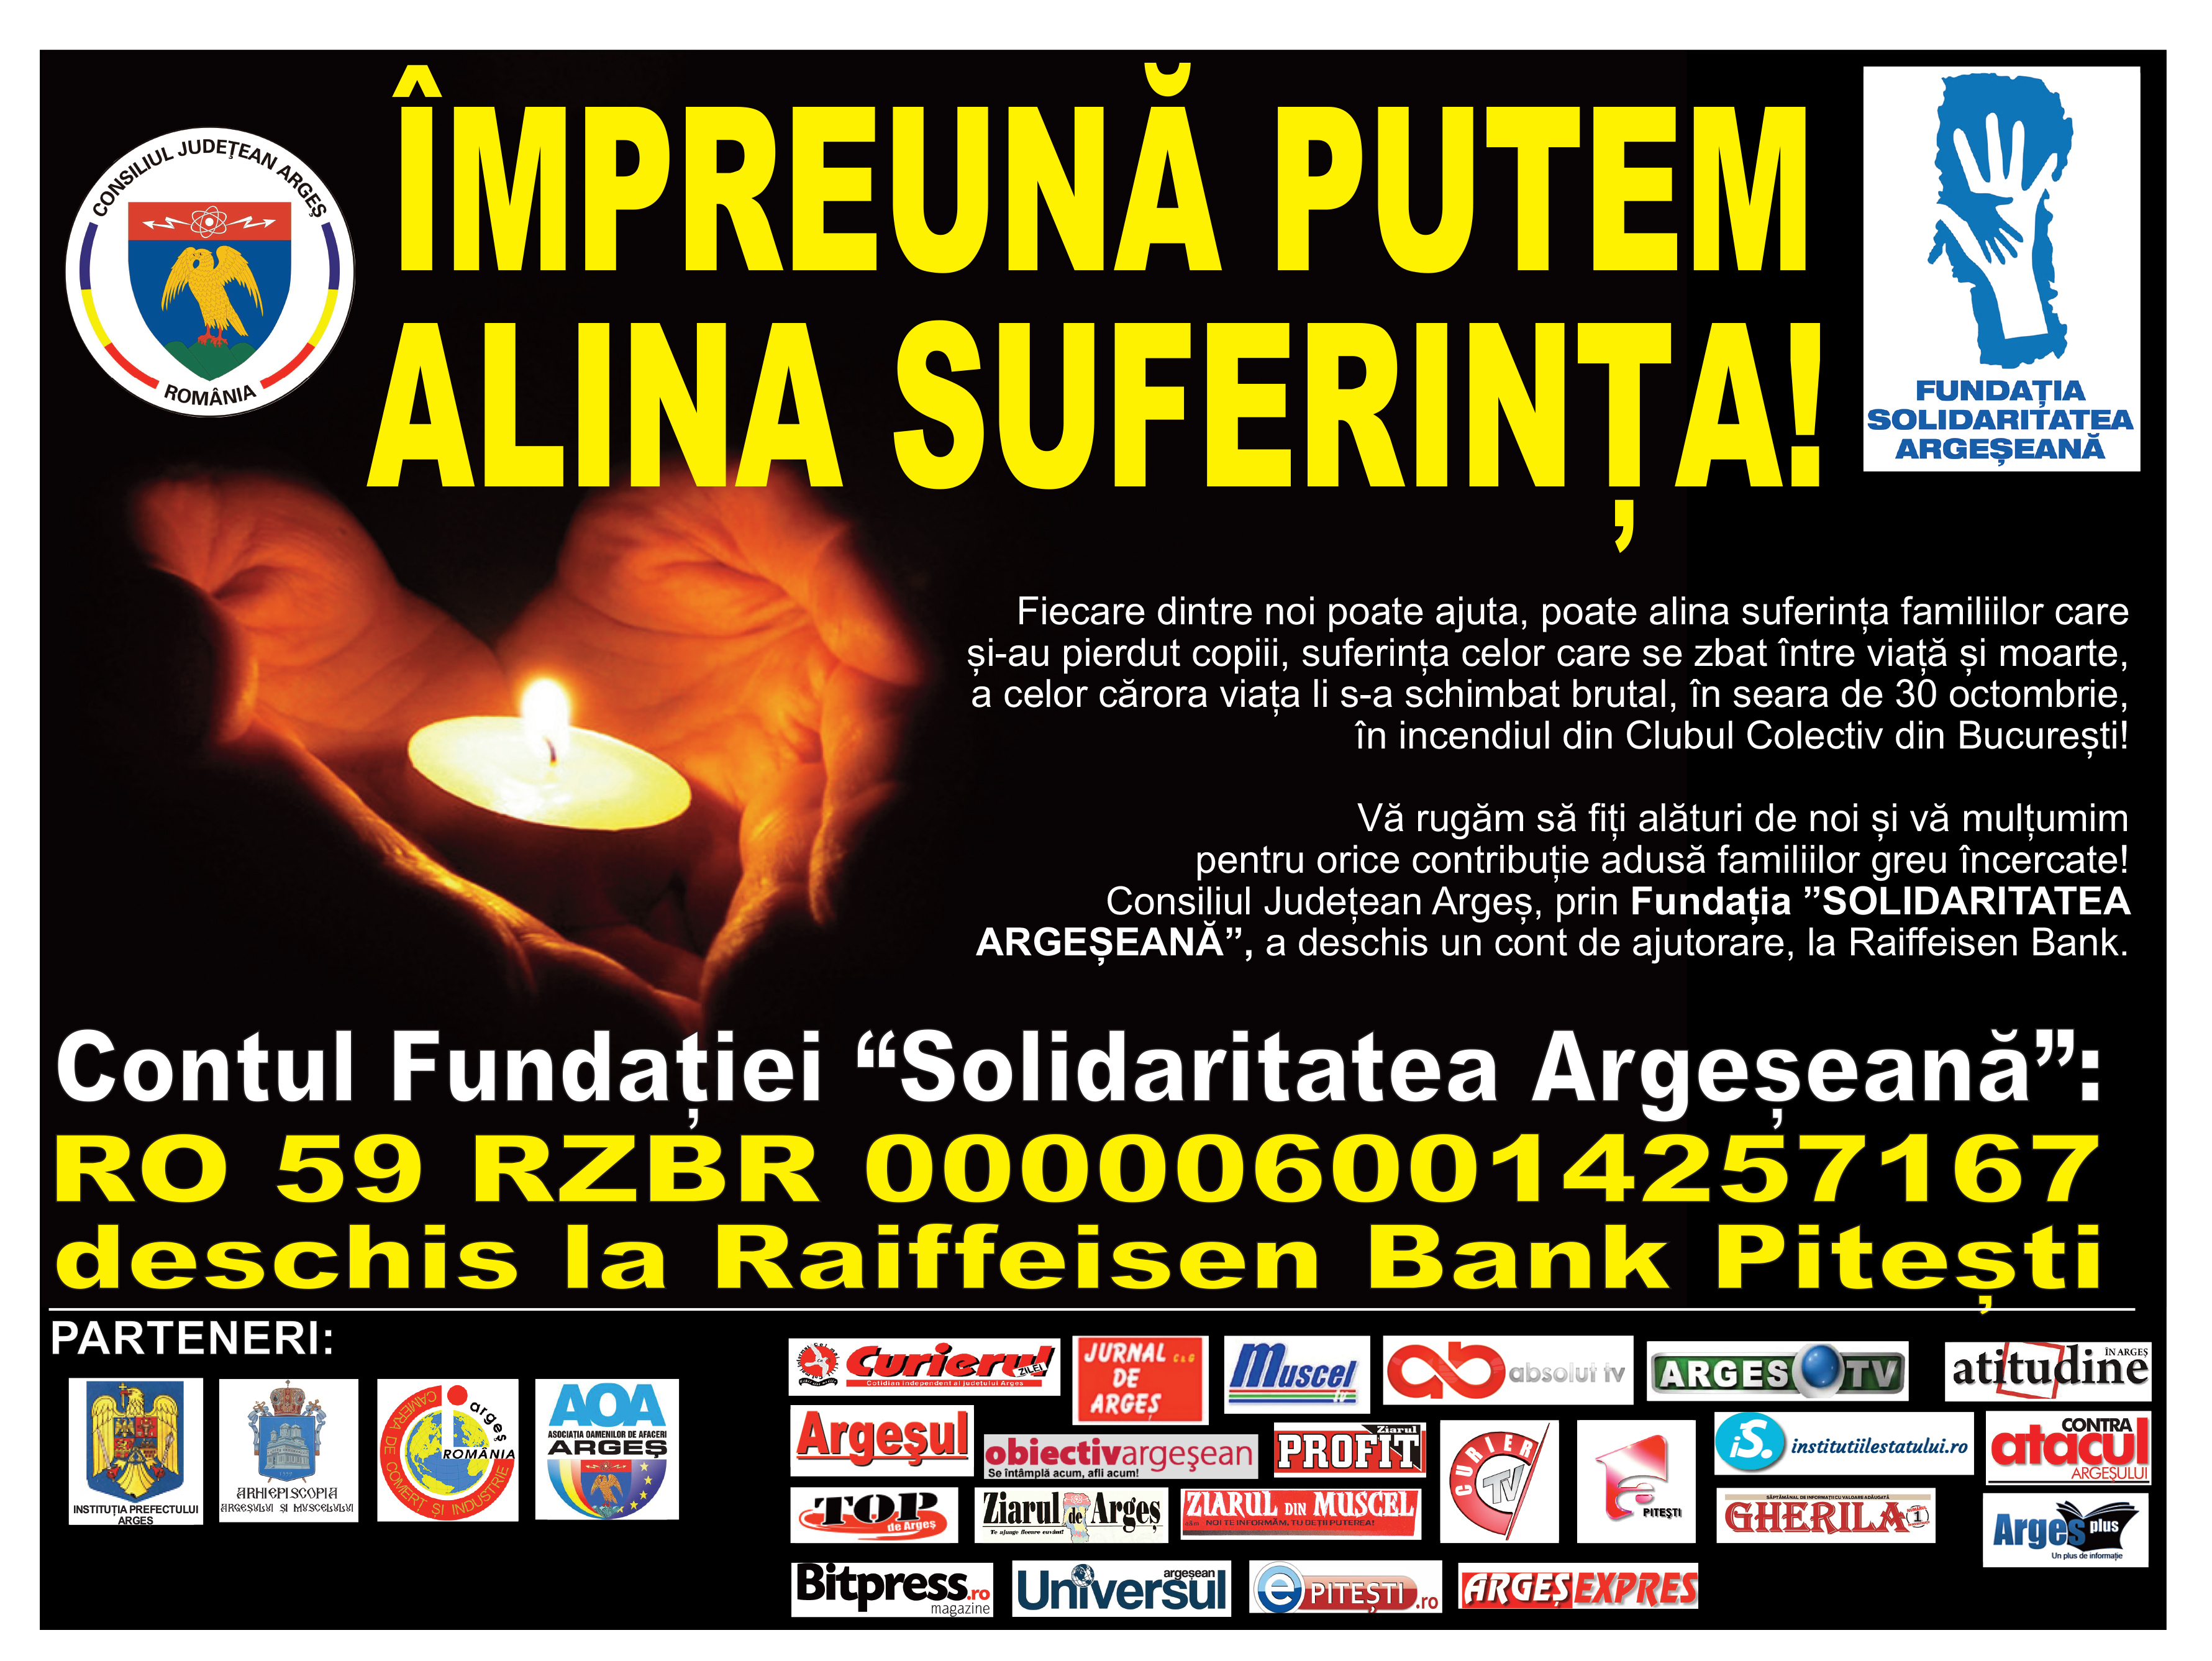 Consiliul Județean Argeș a demarat o campanie de strângere de fonduri pentru victimele din Argeș ale tragediei din Clubul Colectiv